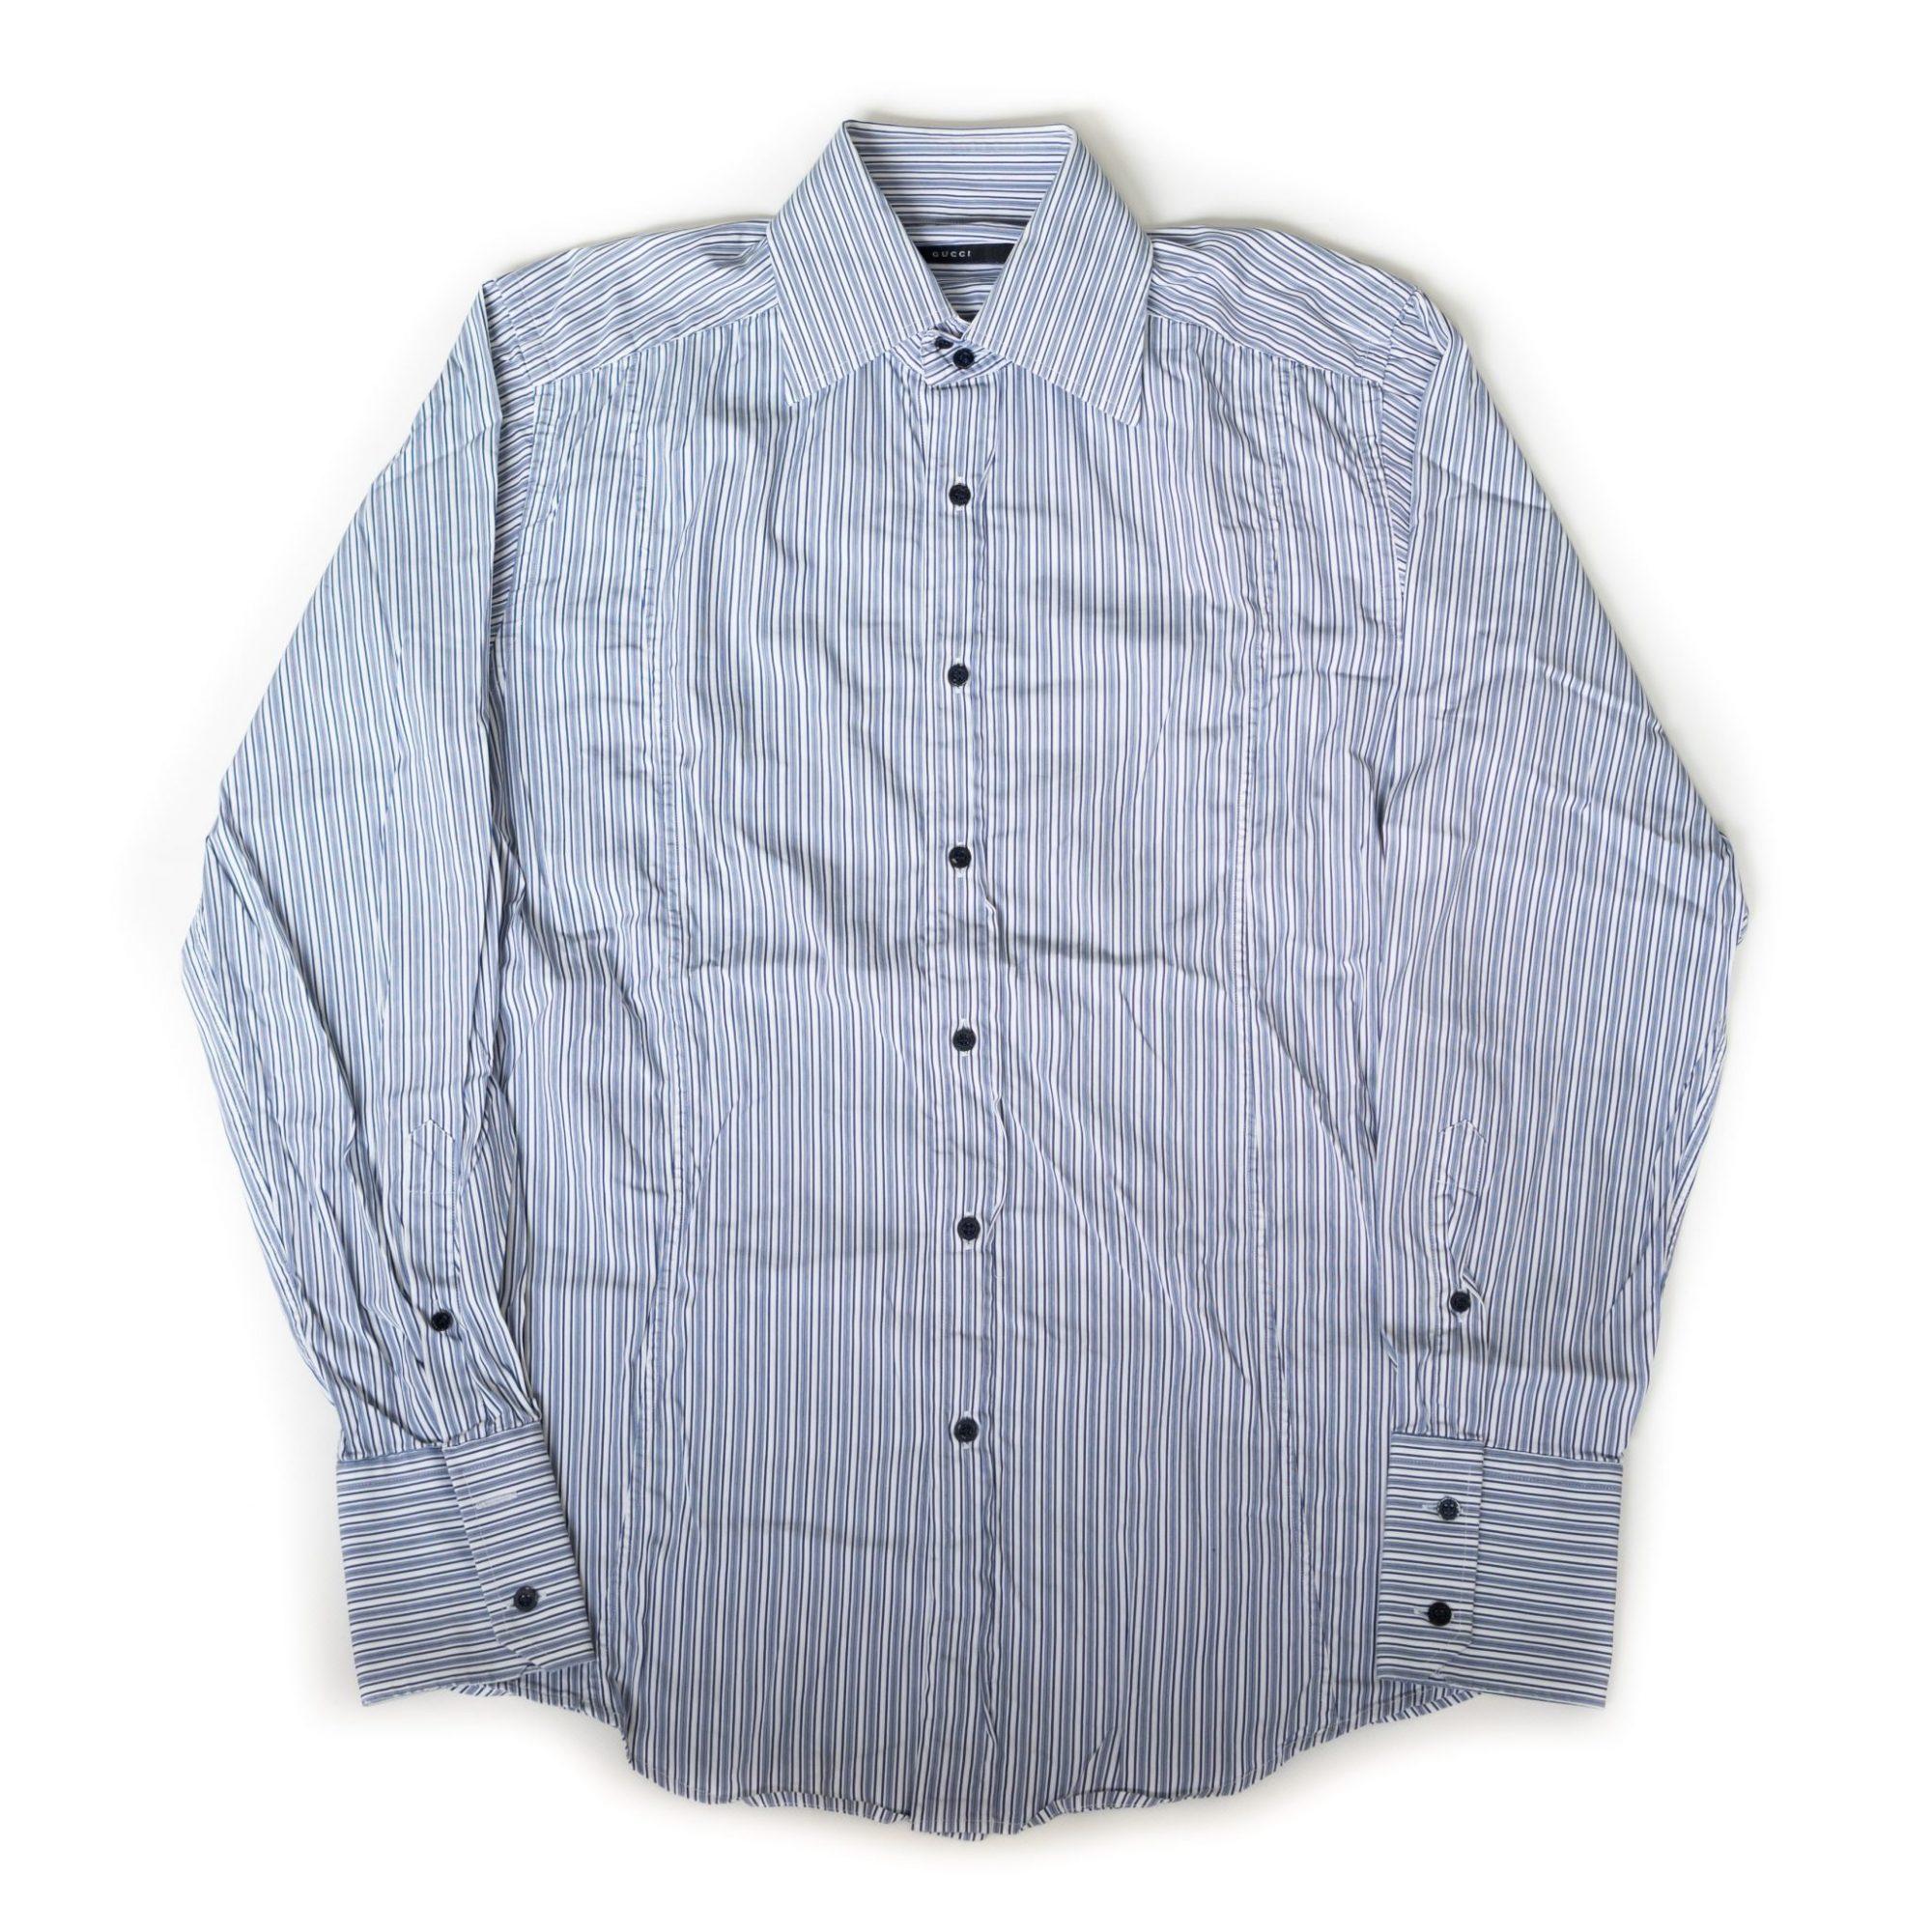 gebraucht kaufen Gucci Striped Hemd